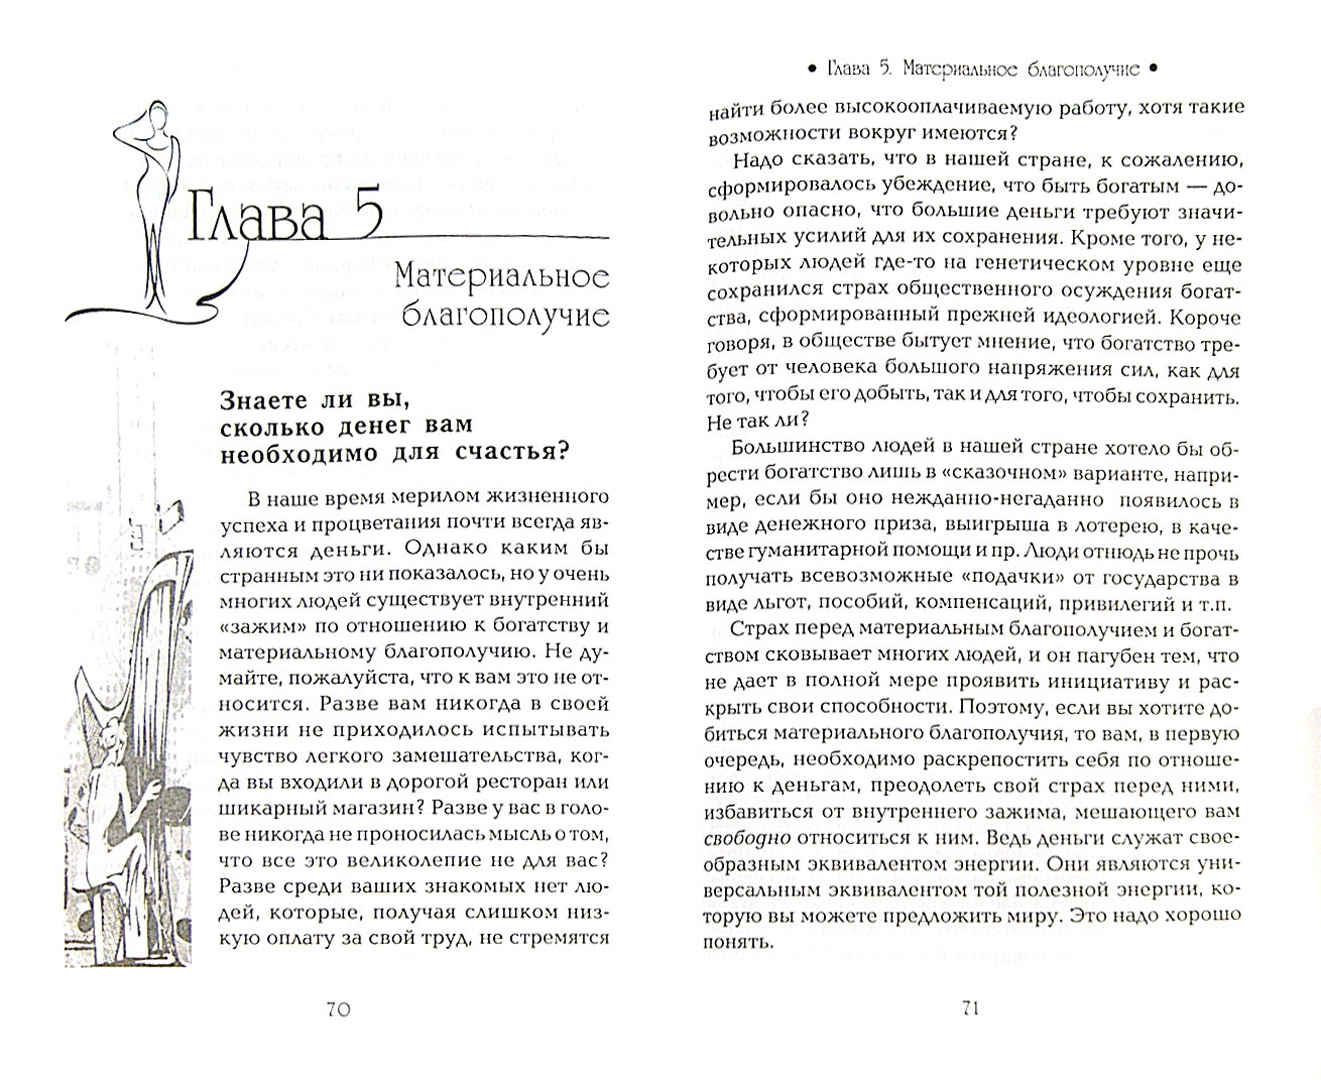 колонтитул в книге картинки